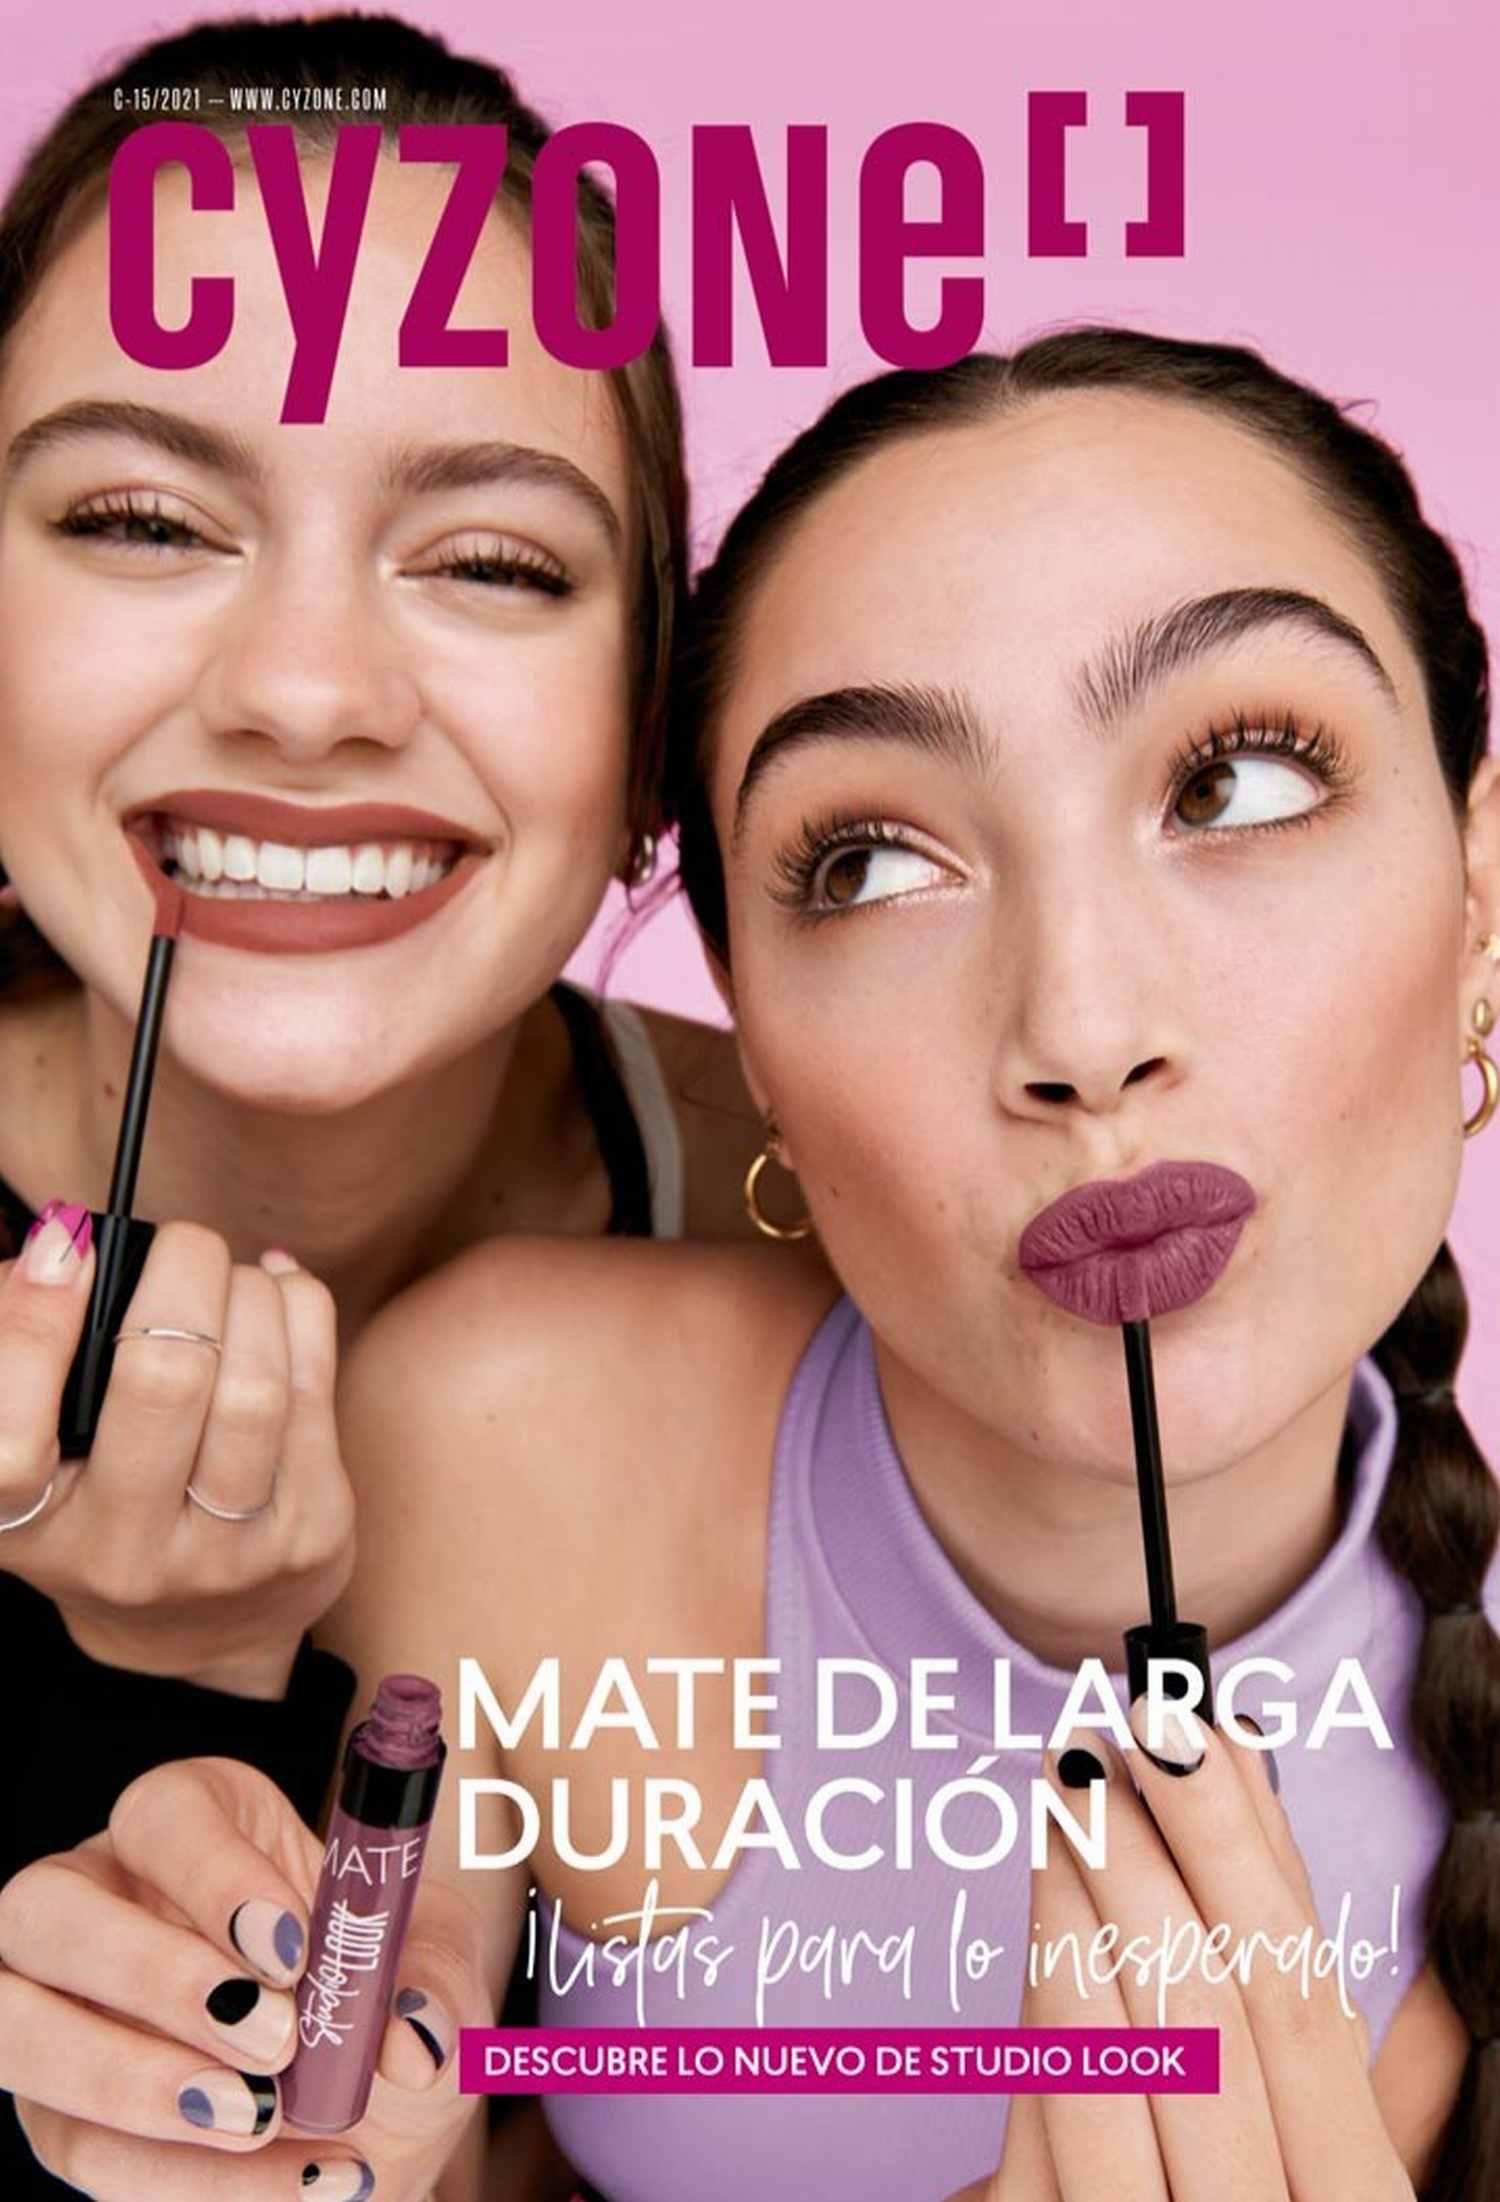 Catálogo Cyzone Campaña 15 2021 Chile